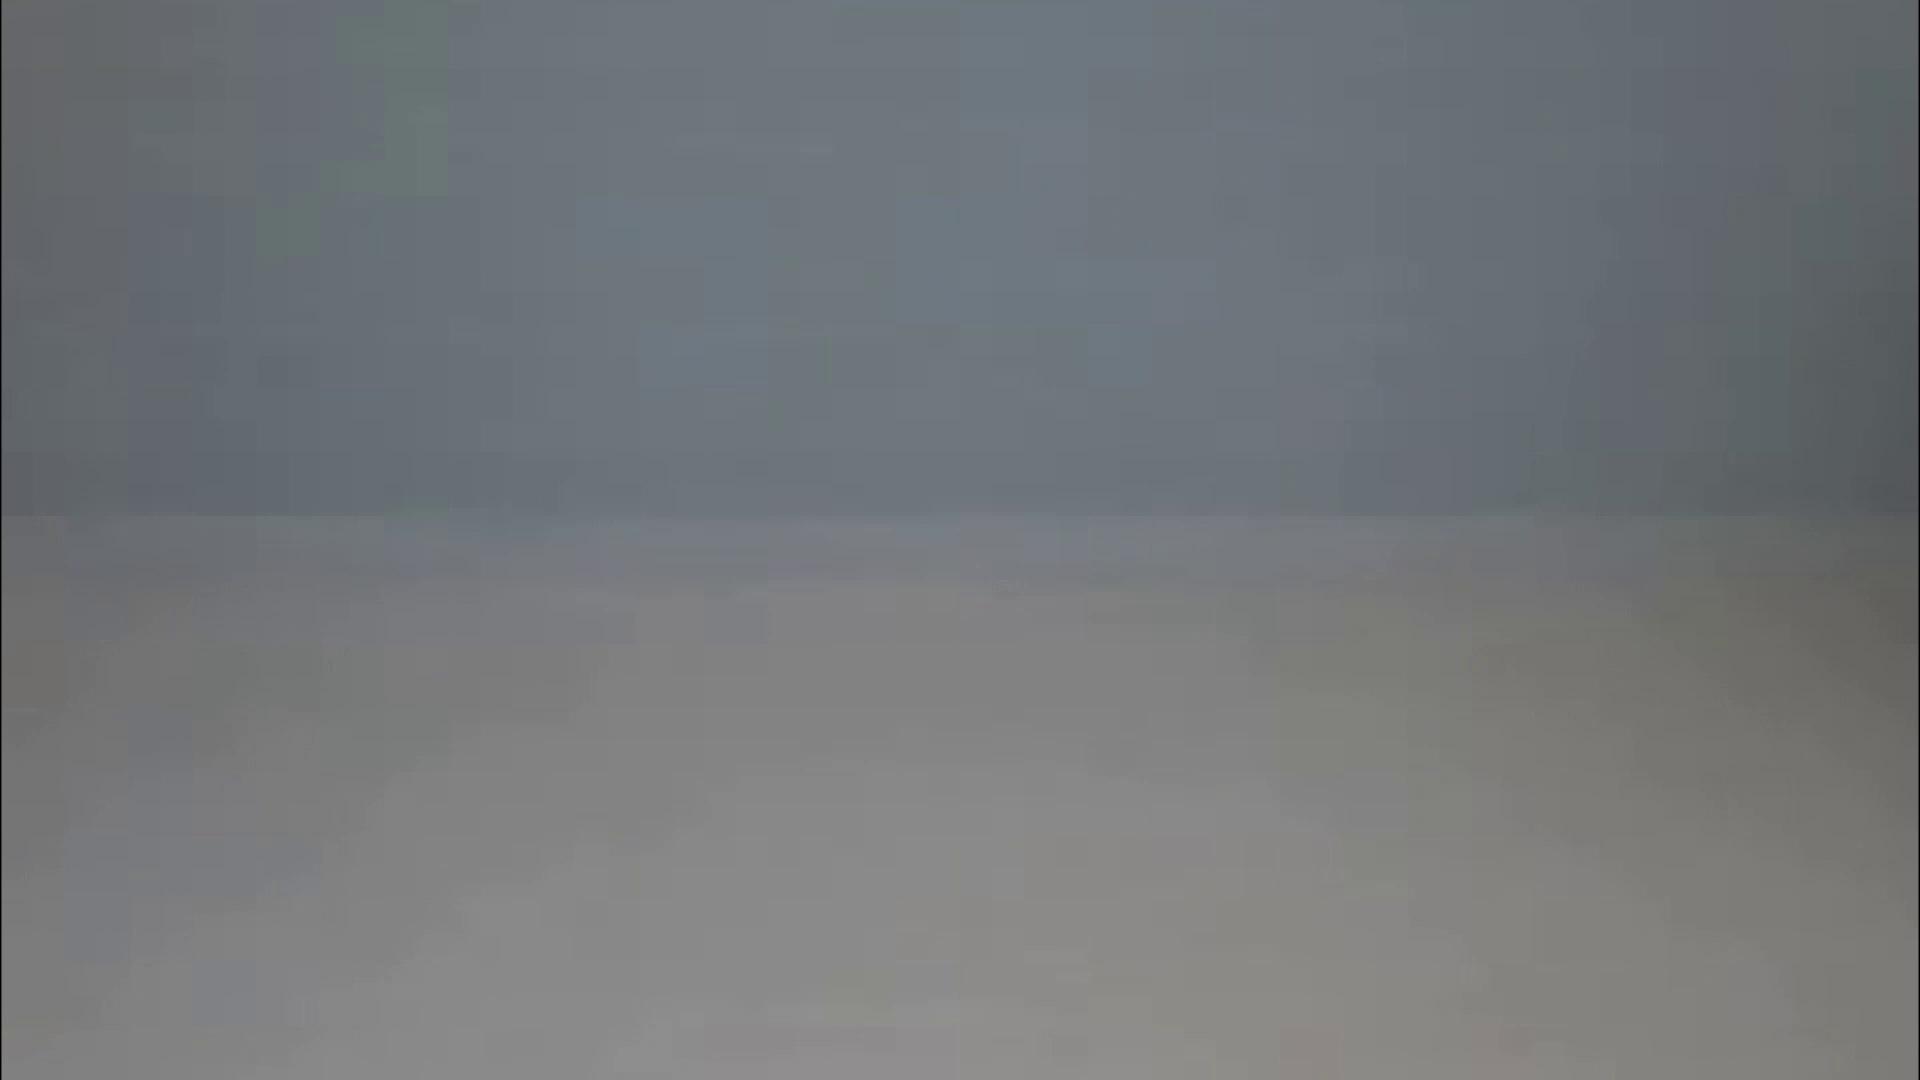 流出マル秘ファイル!ライブオナニーⅡFile.06 スリム美少年系ジャニ系 男同士画像 94連発 68